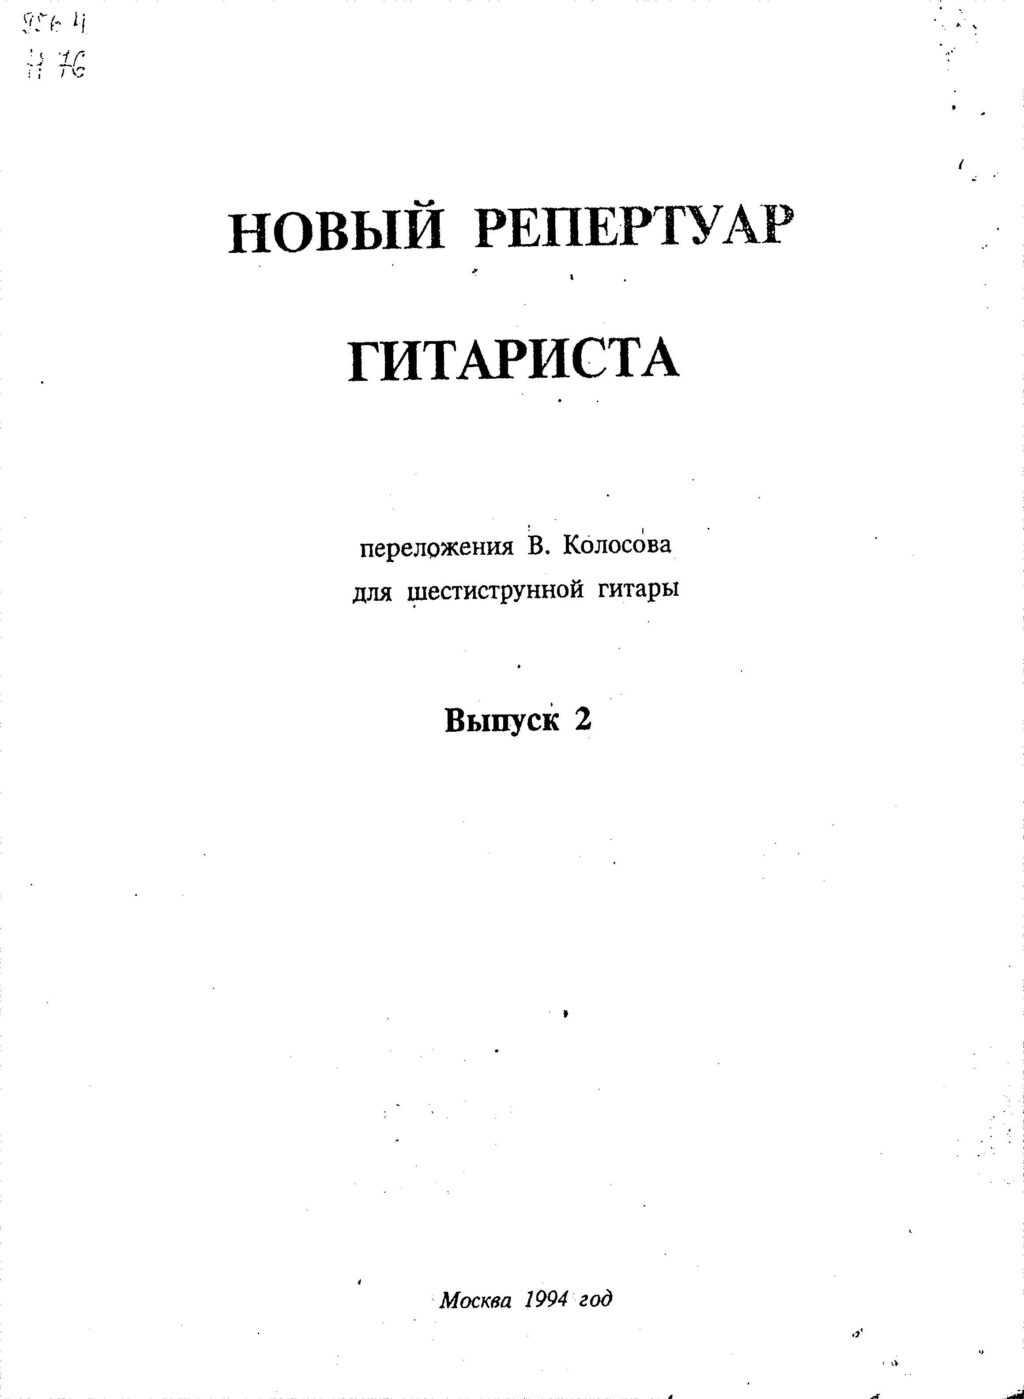 Новый репертуар гитариста. Выпуск 2. Колосов В.